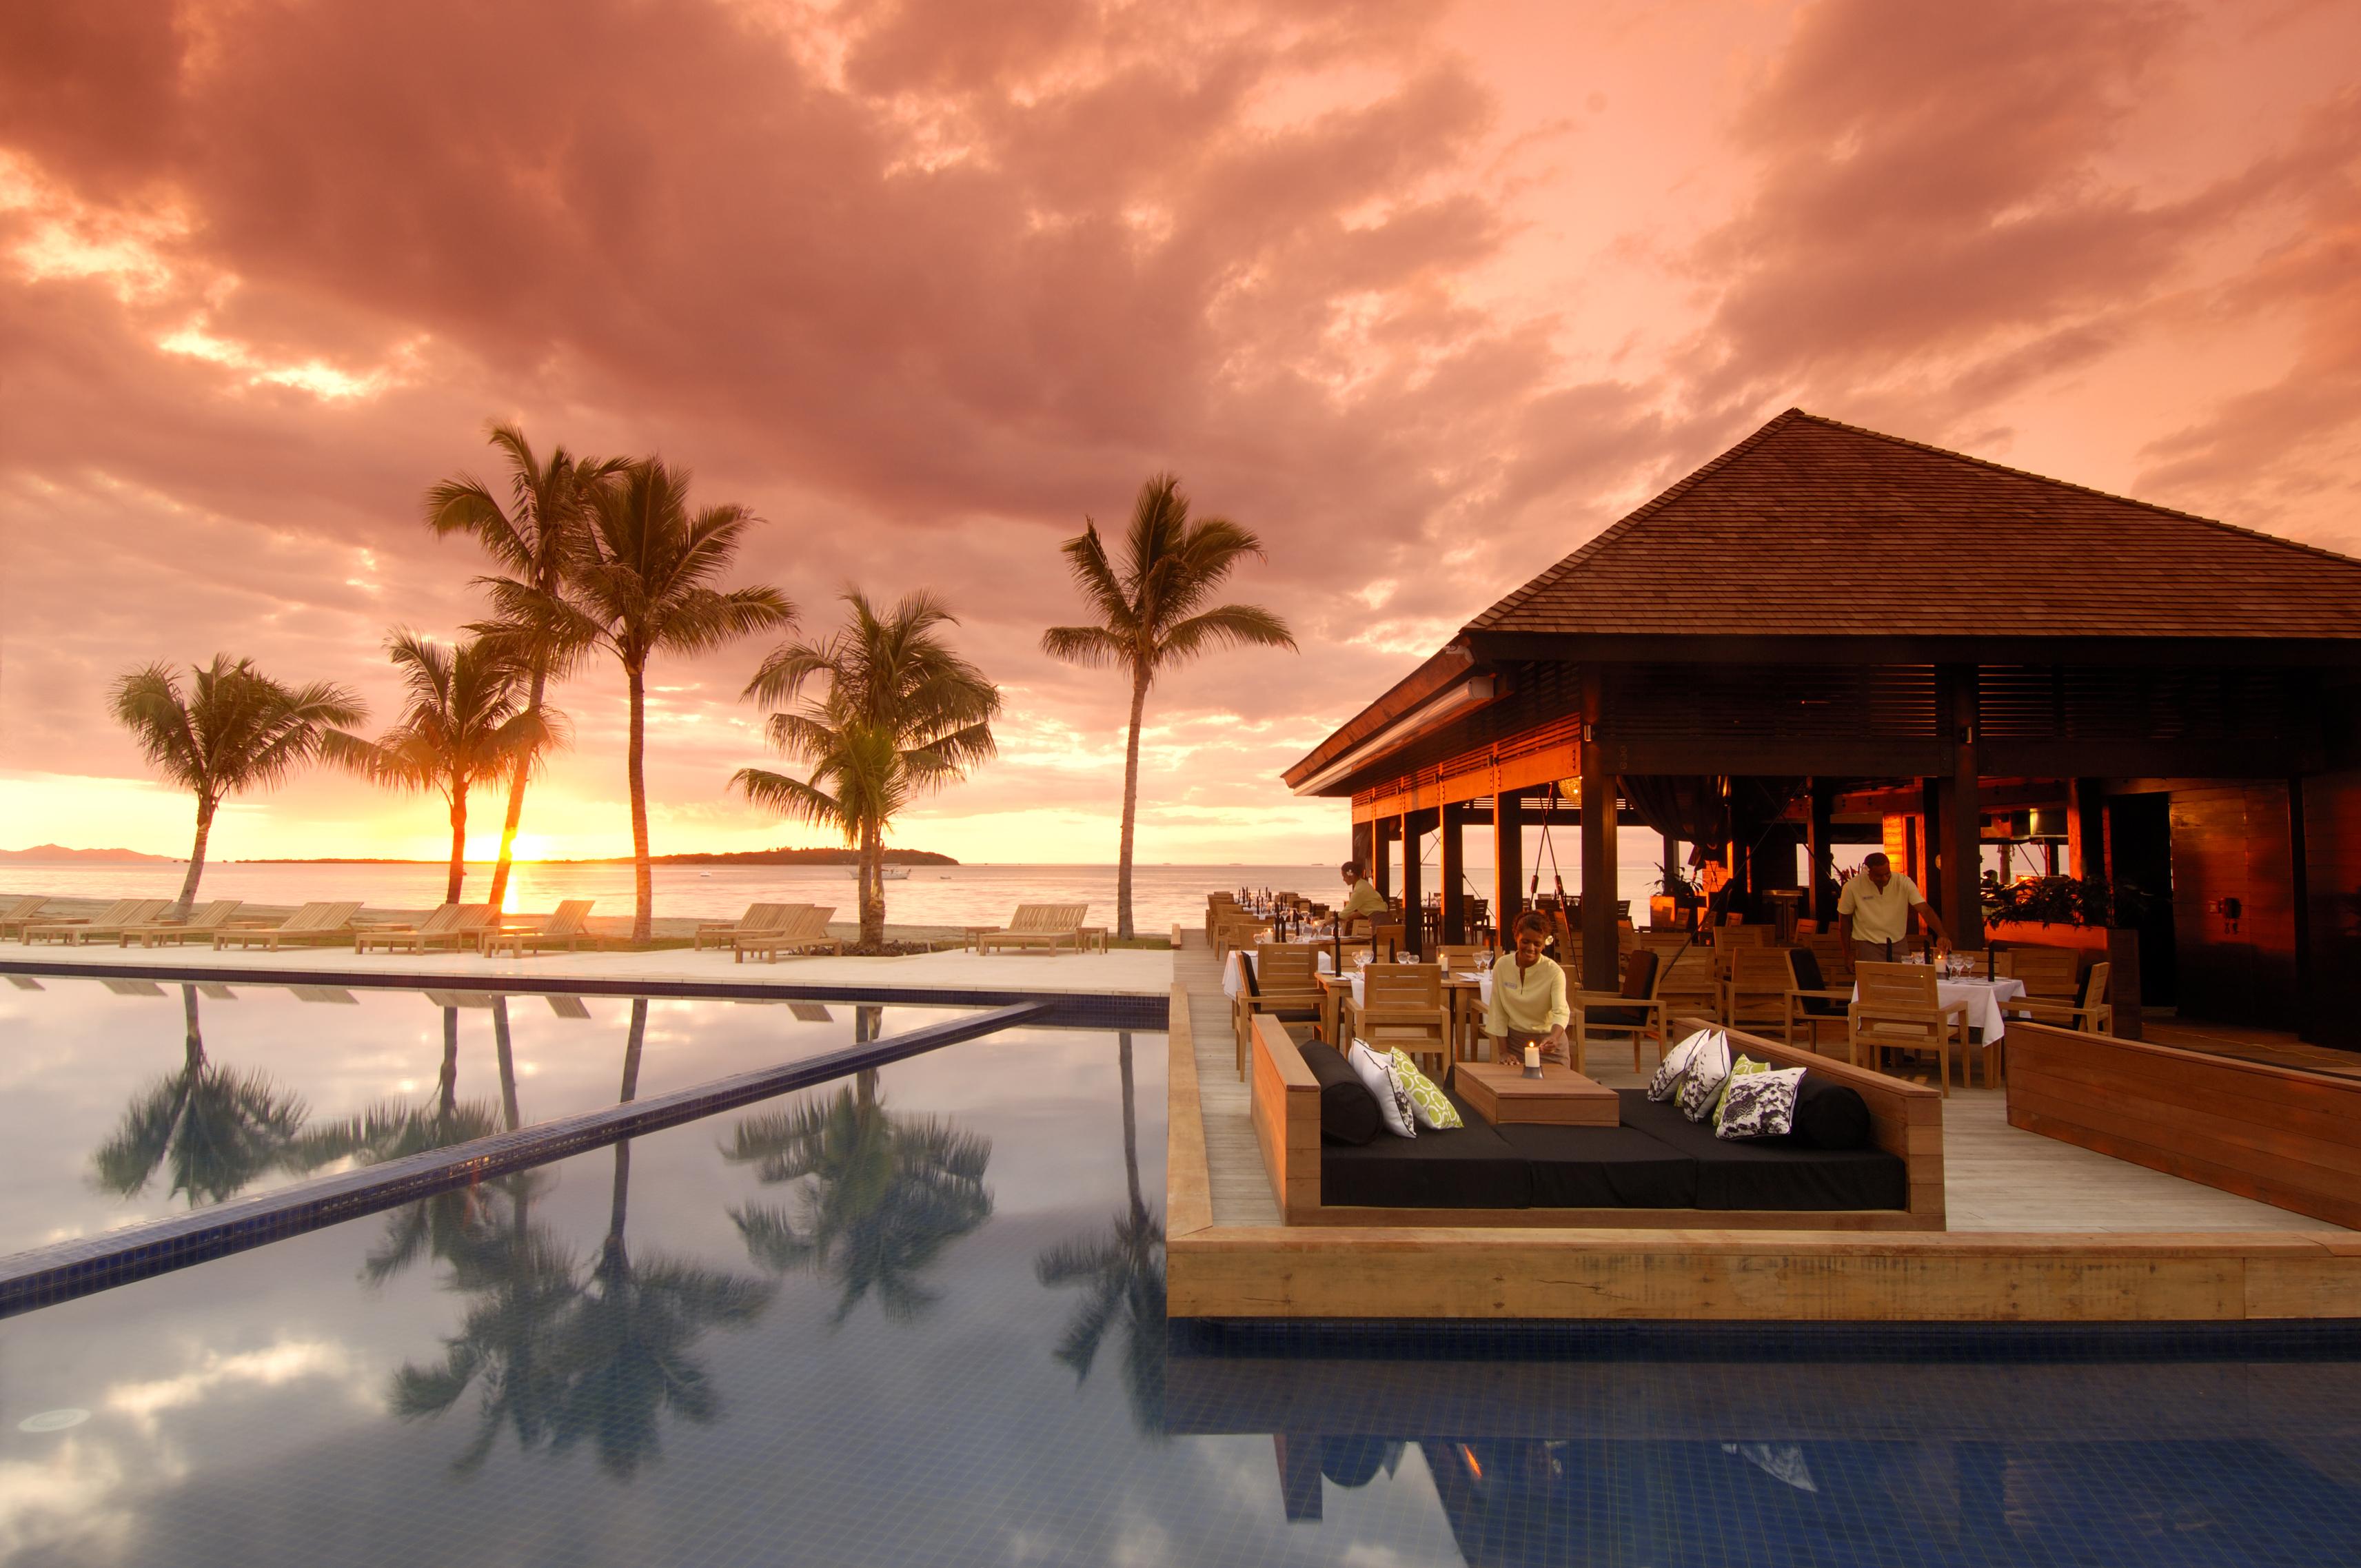 Un bellissimo tramonto su una baia con un ristorante interamente in legno